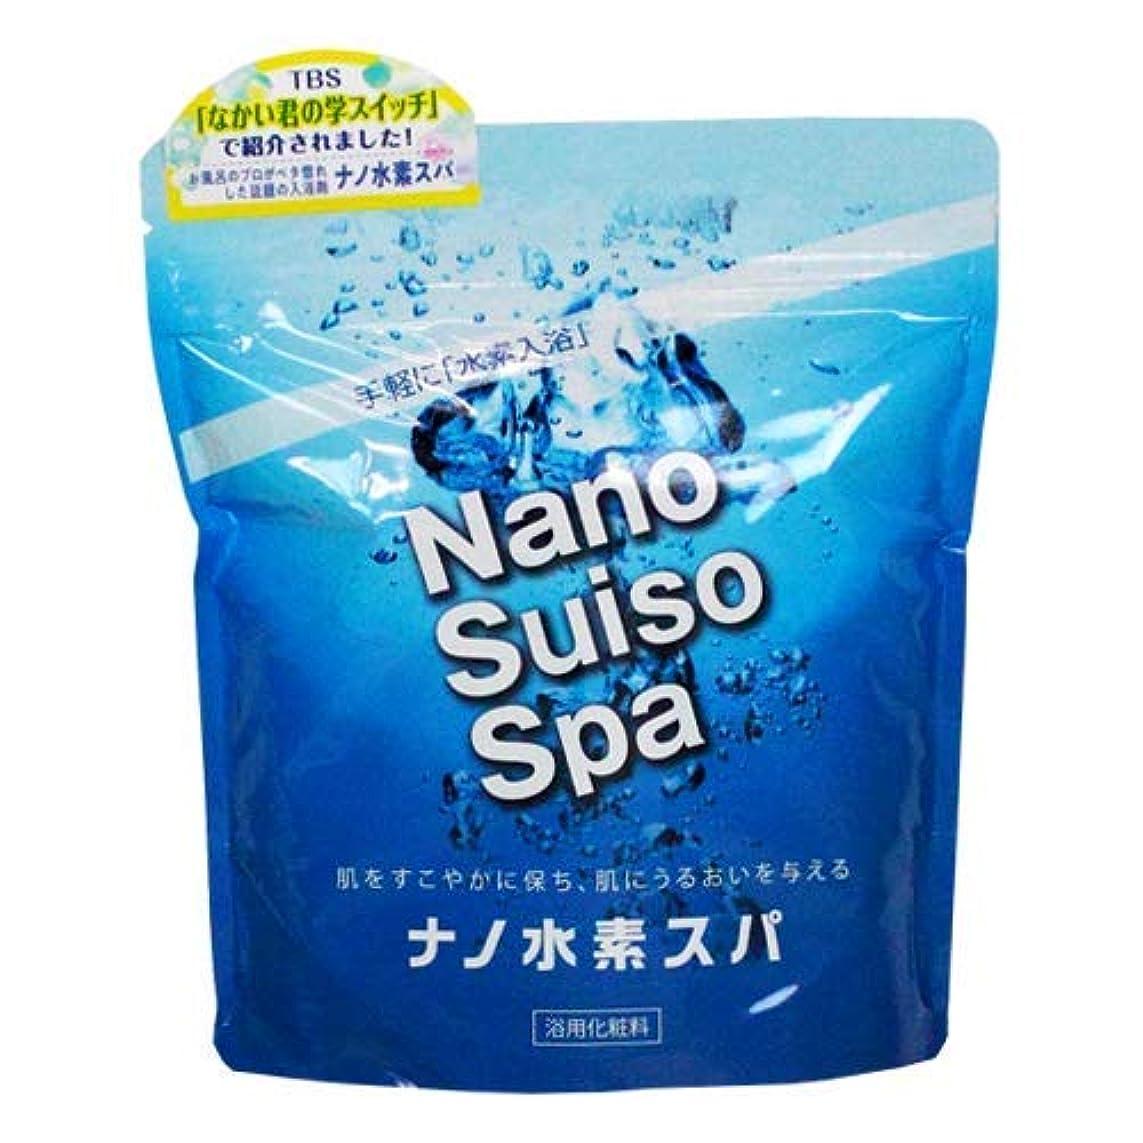 疲れた実現可能性カメナノ水素スパ1000g 高濃度水素発生入浴用